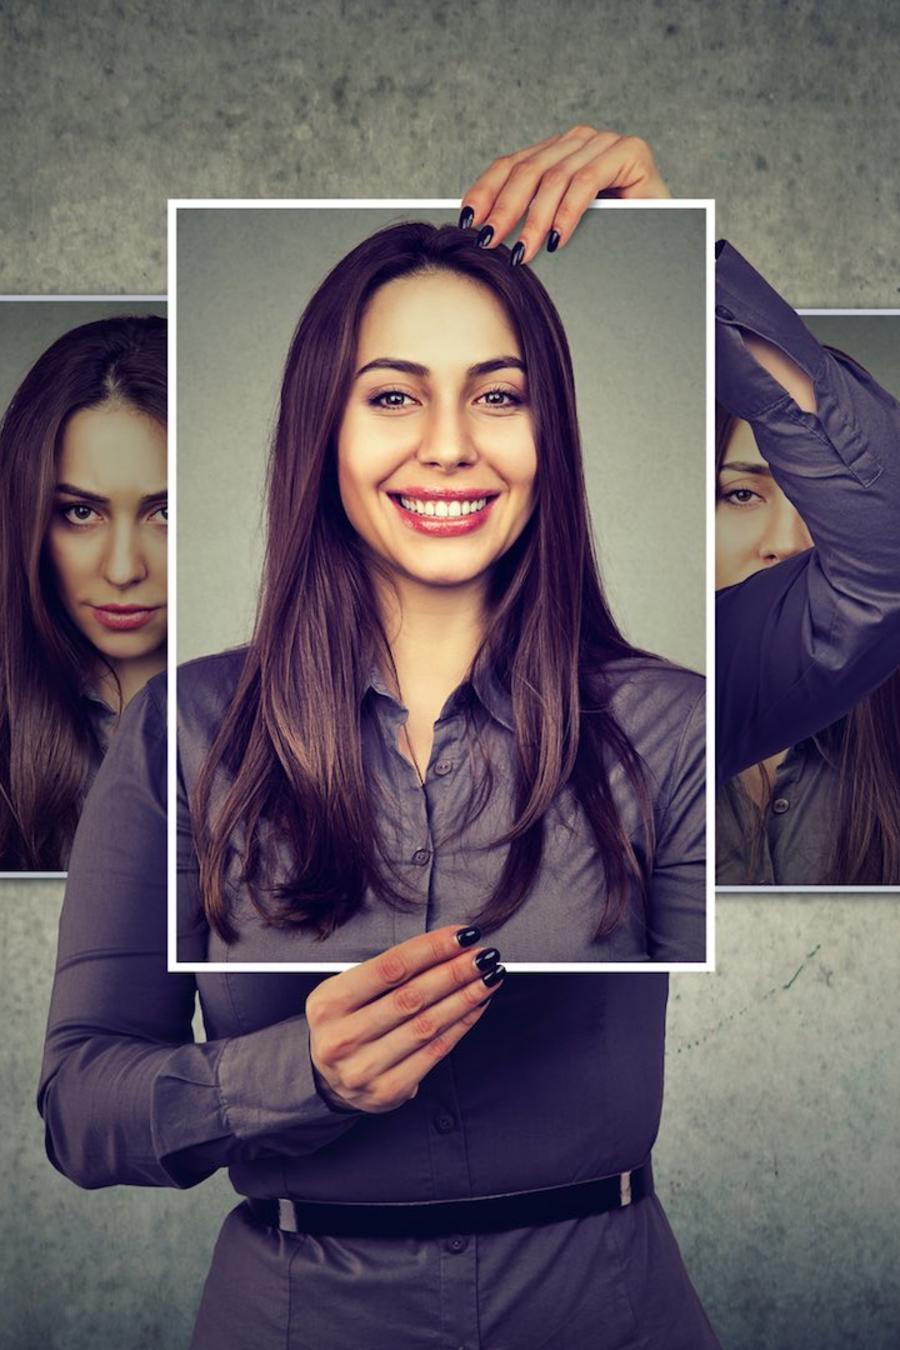 Mujer mostrando diferentes emociones